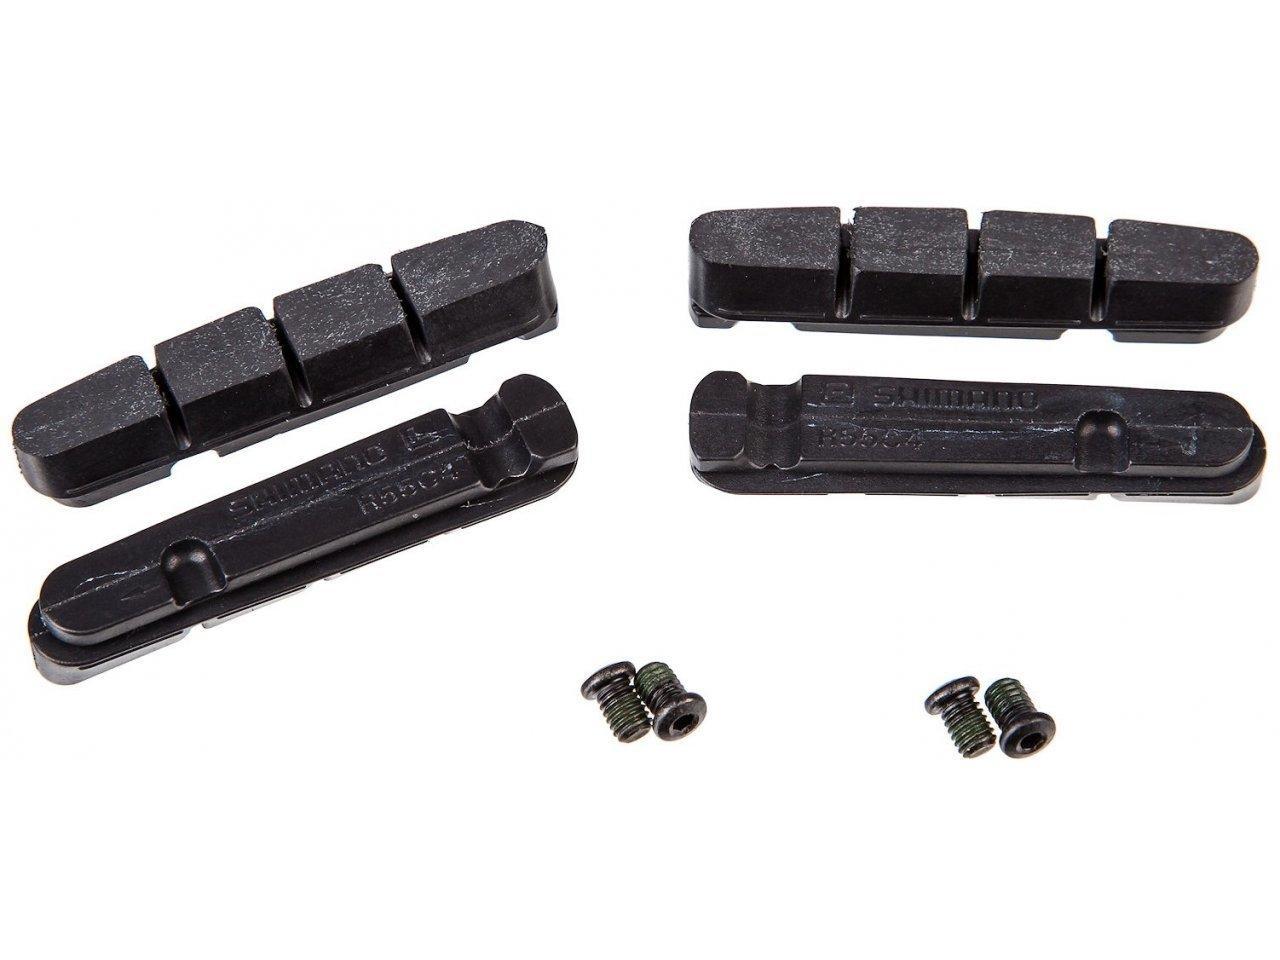 Тормозные накладки Shimano R55C4, для Dura Ace, Ultegra, 105